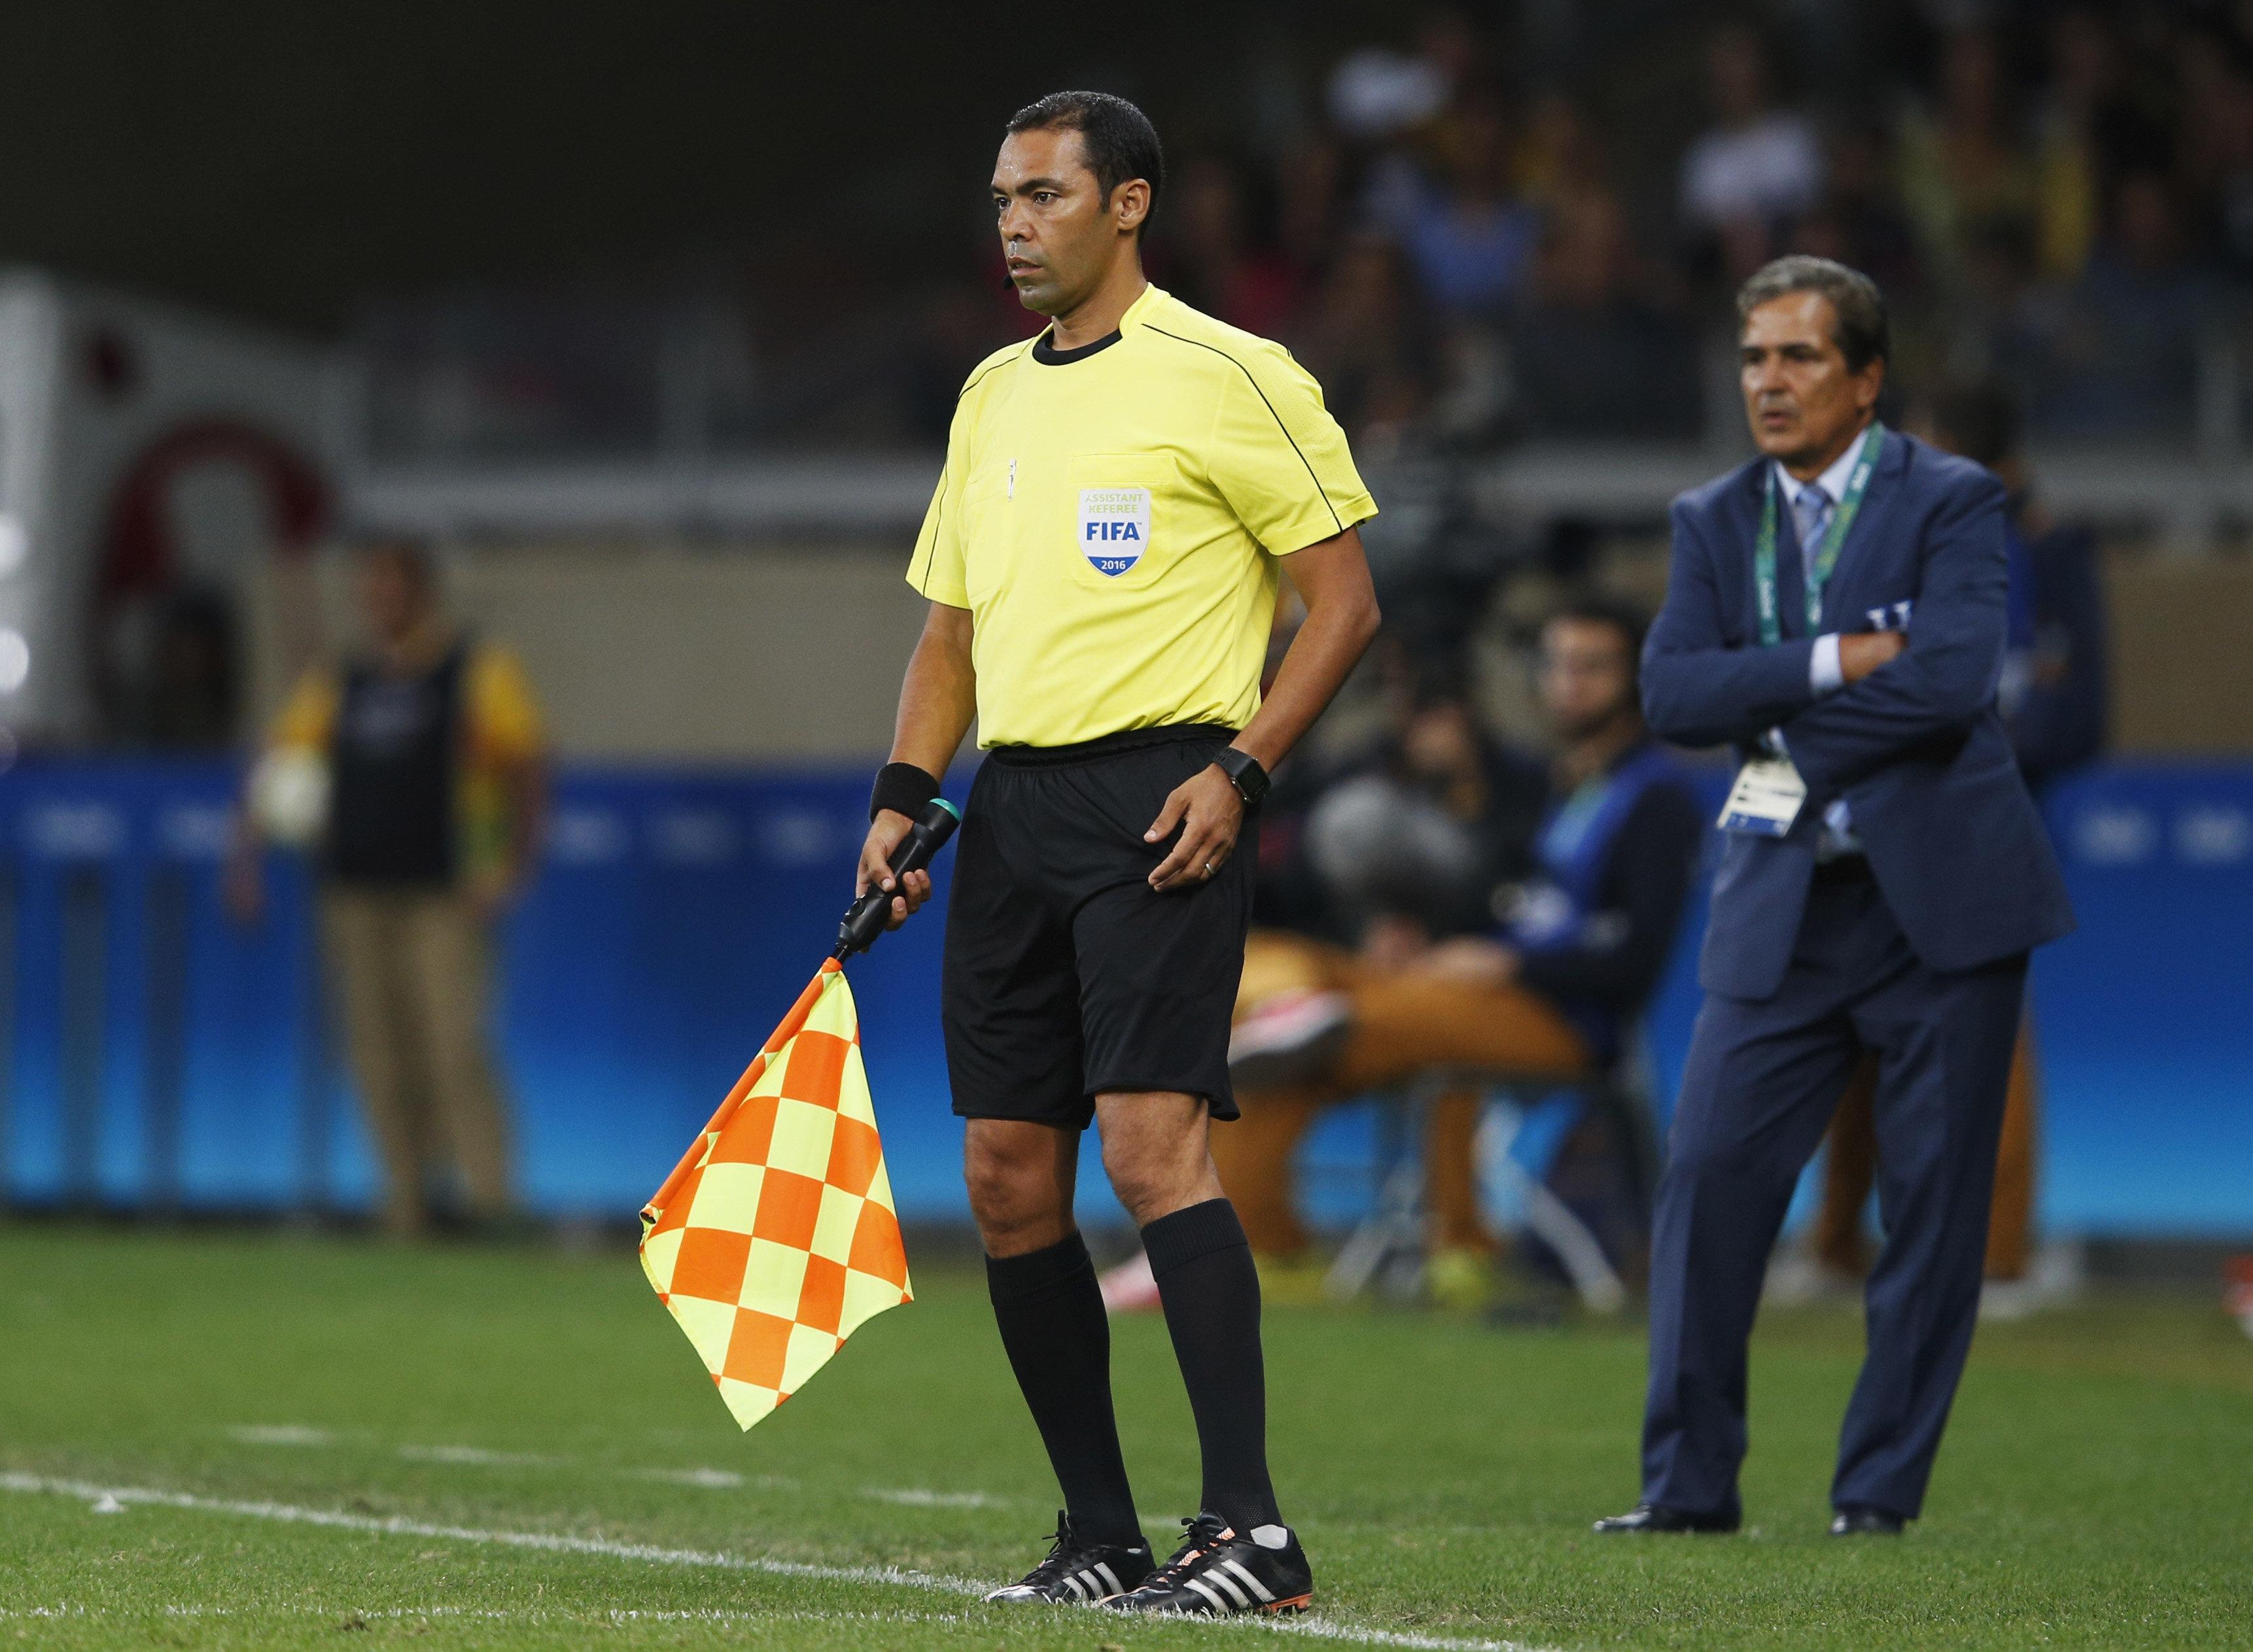 Qui est Redouane Achik, le seul Marocain désigné pour arbitrer la Coupe du monde 2018